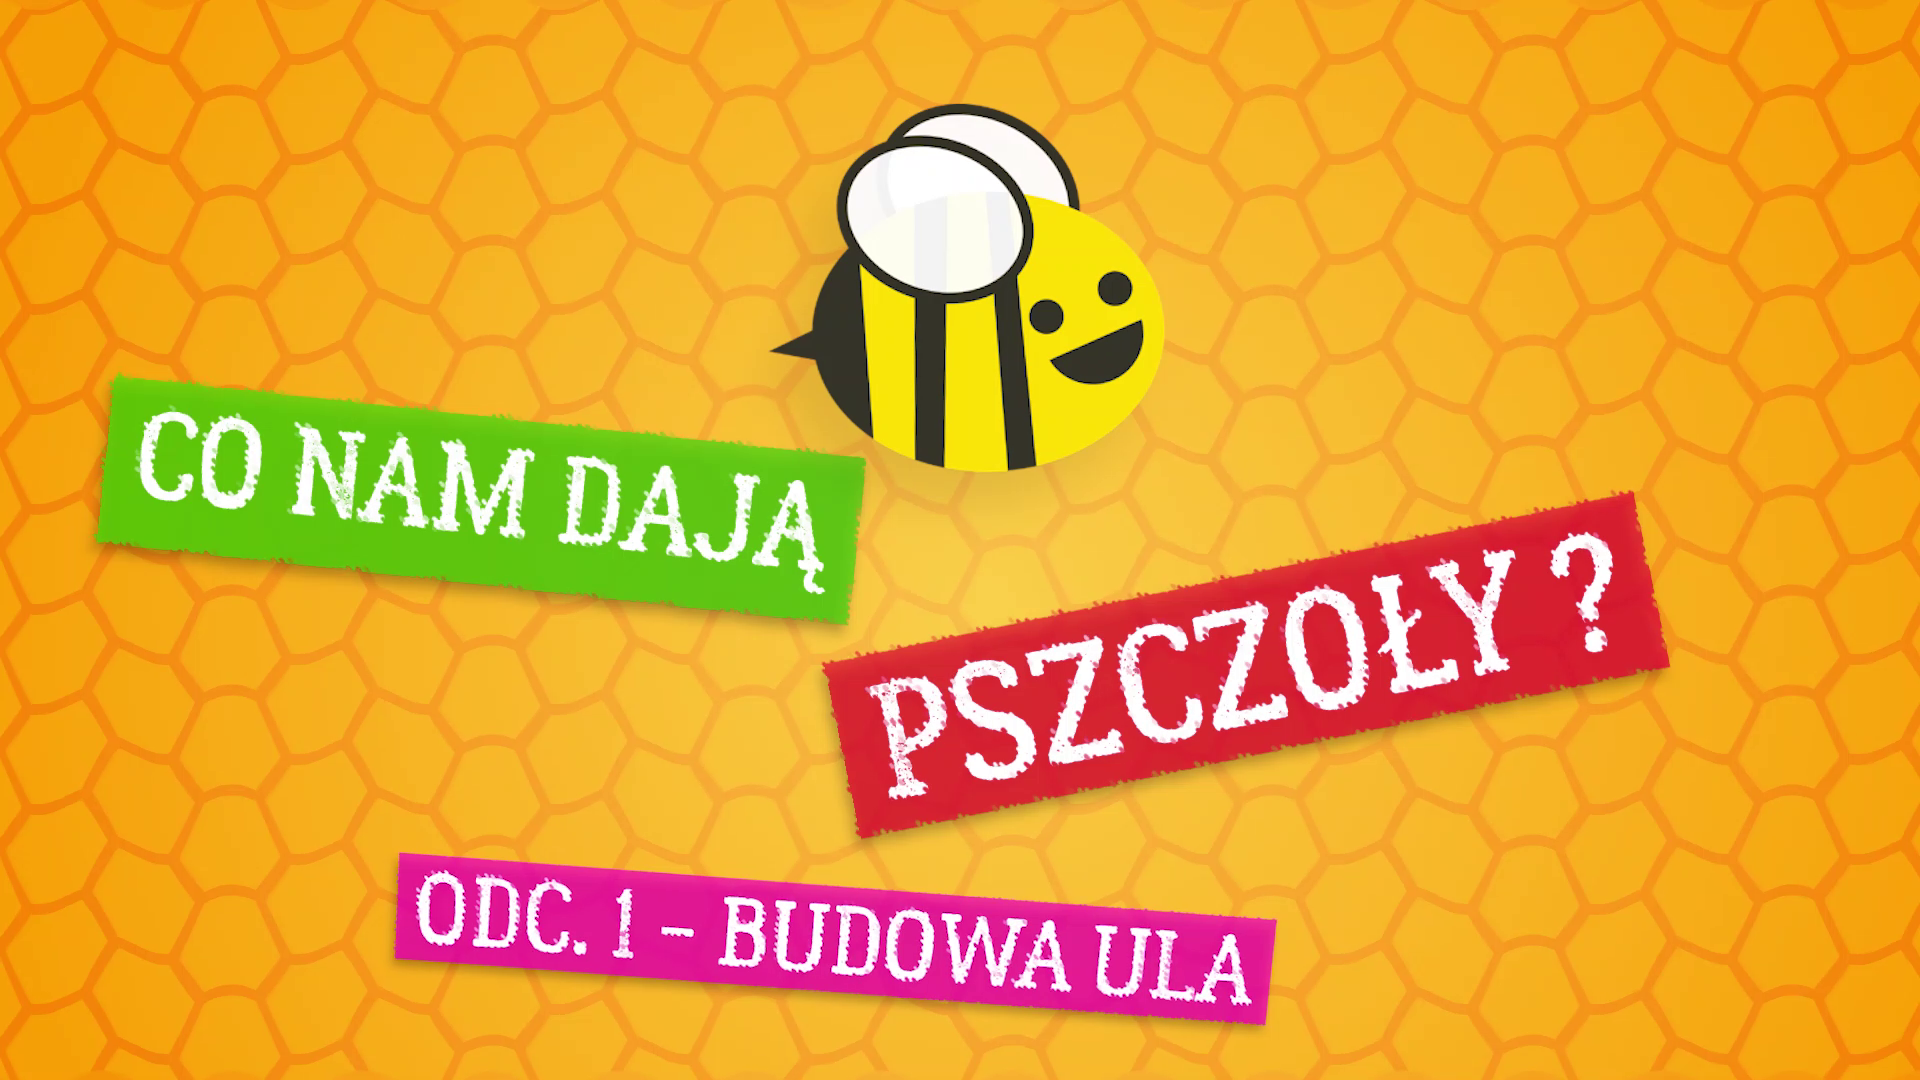 Co nam dają pszczoły ? Odc. 1 – budowa ula